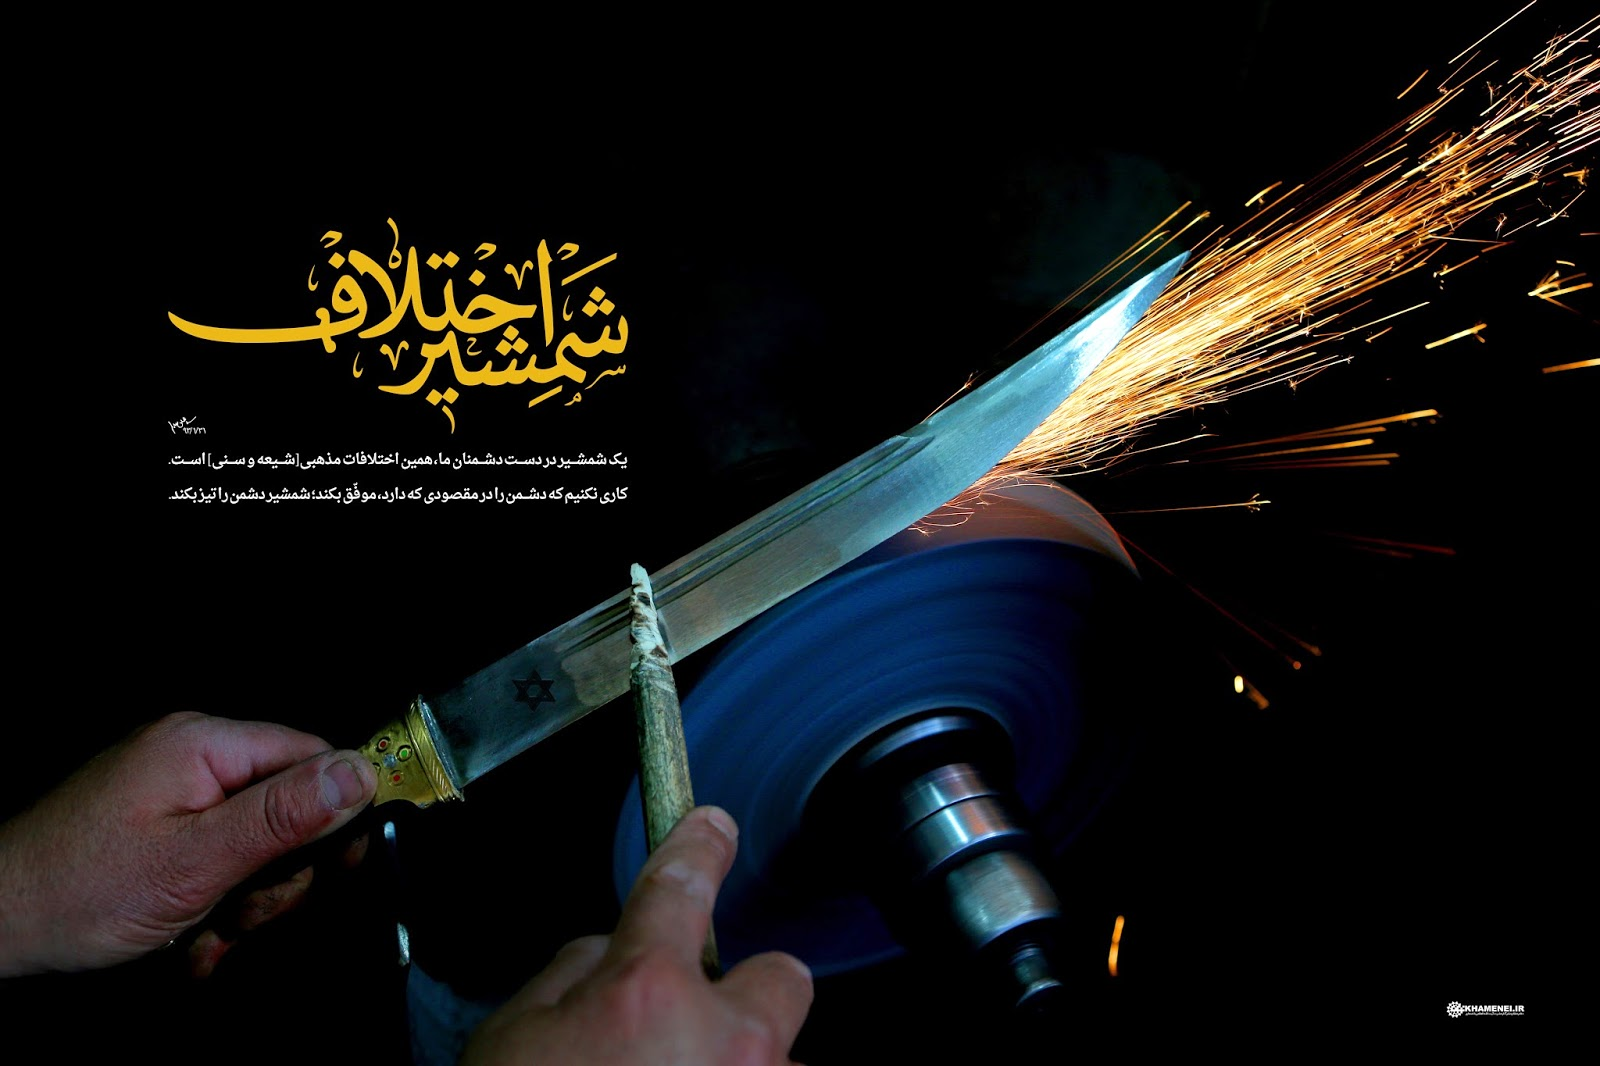 سید صادق شیرازی مراقب این شمشیر باشد + عکس